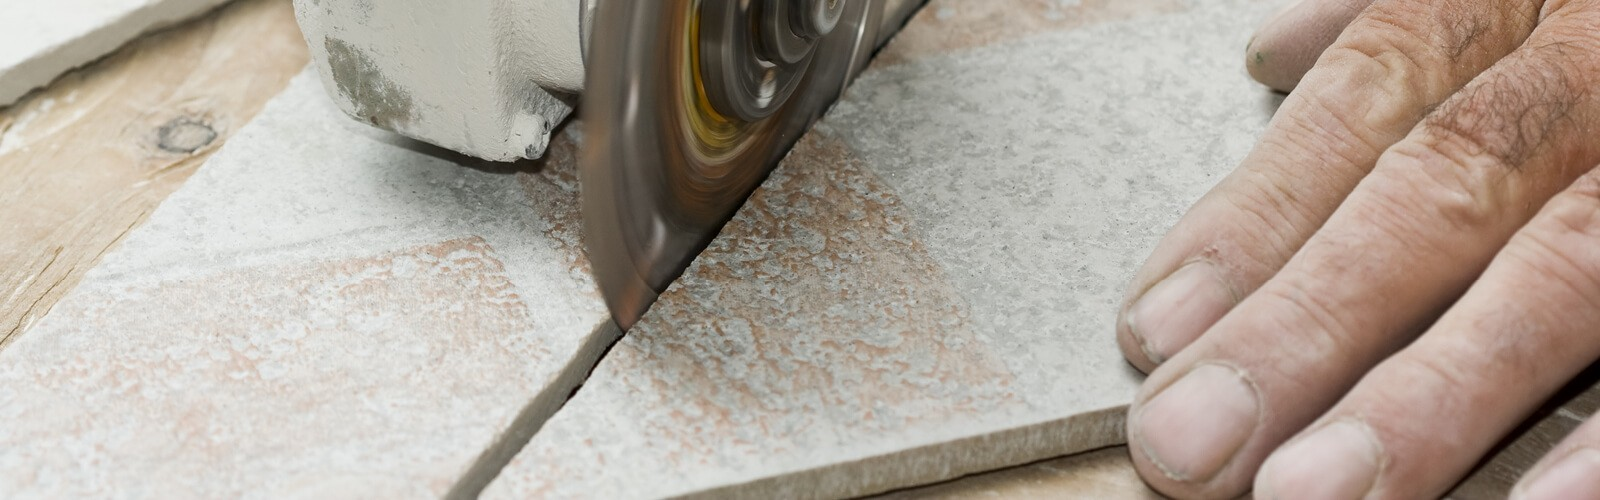 Installing tile | Shoreline Flooring